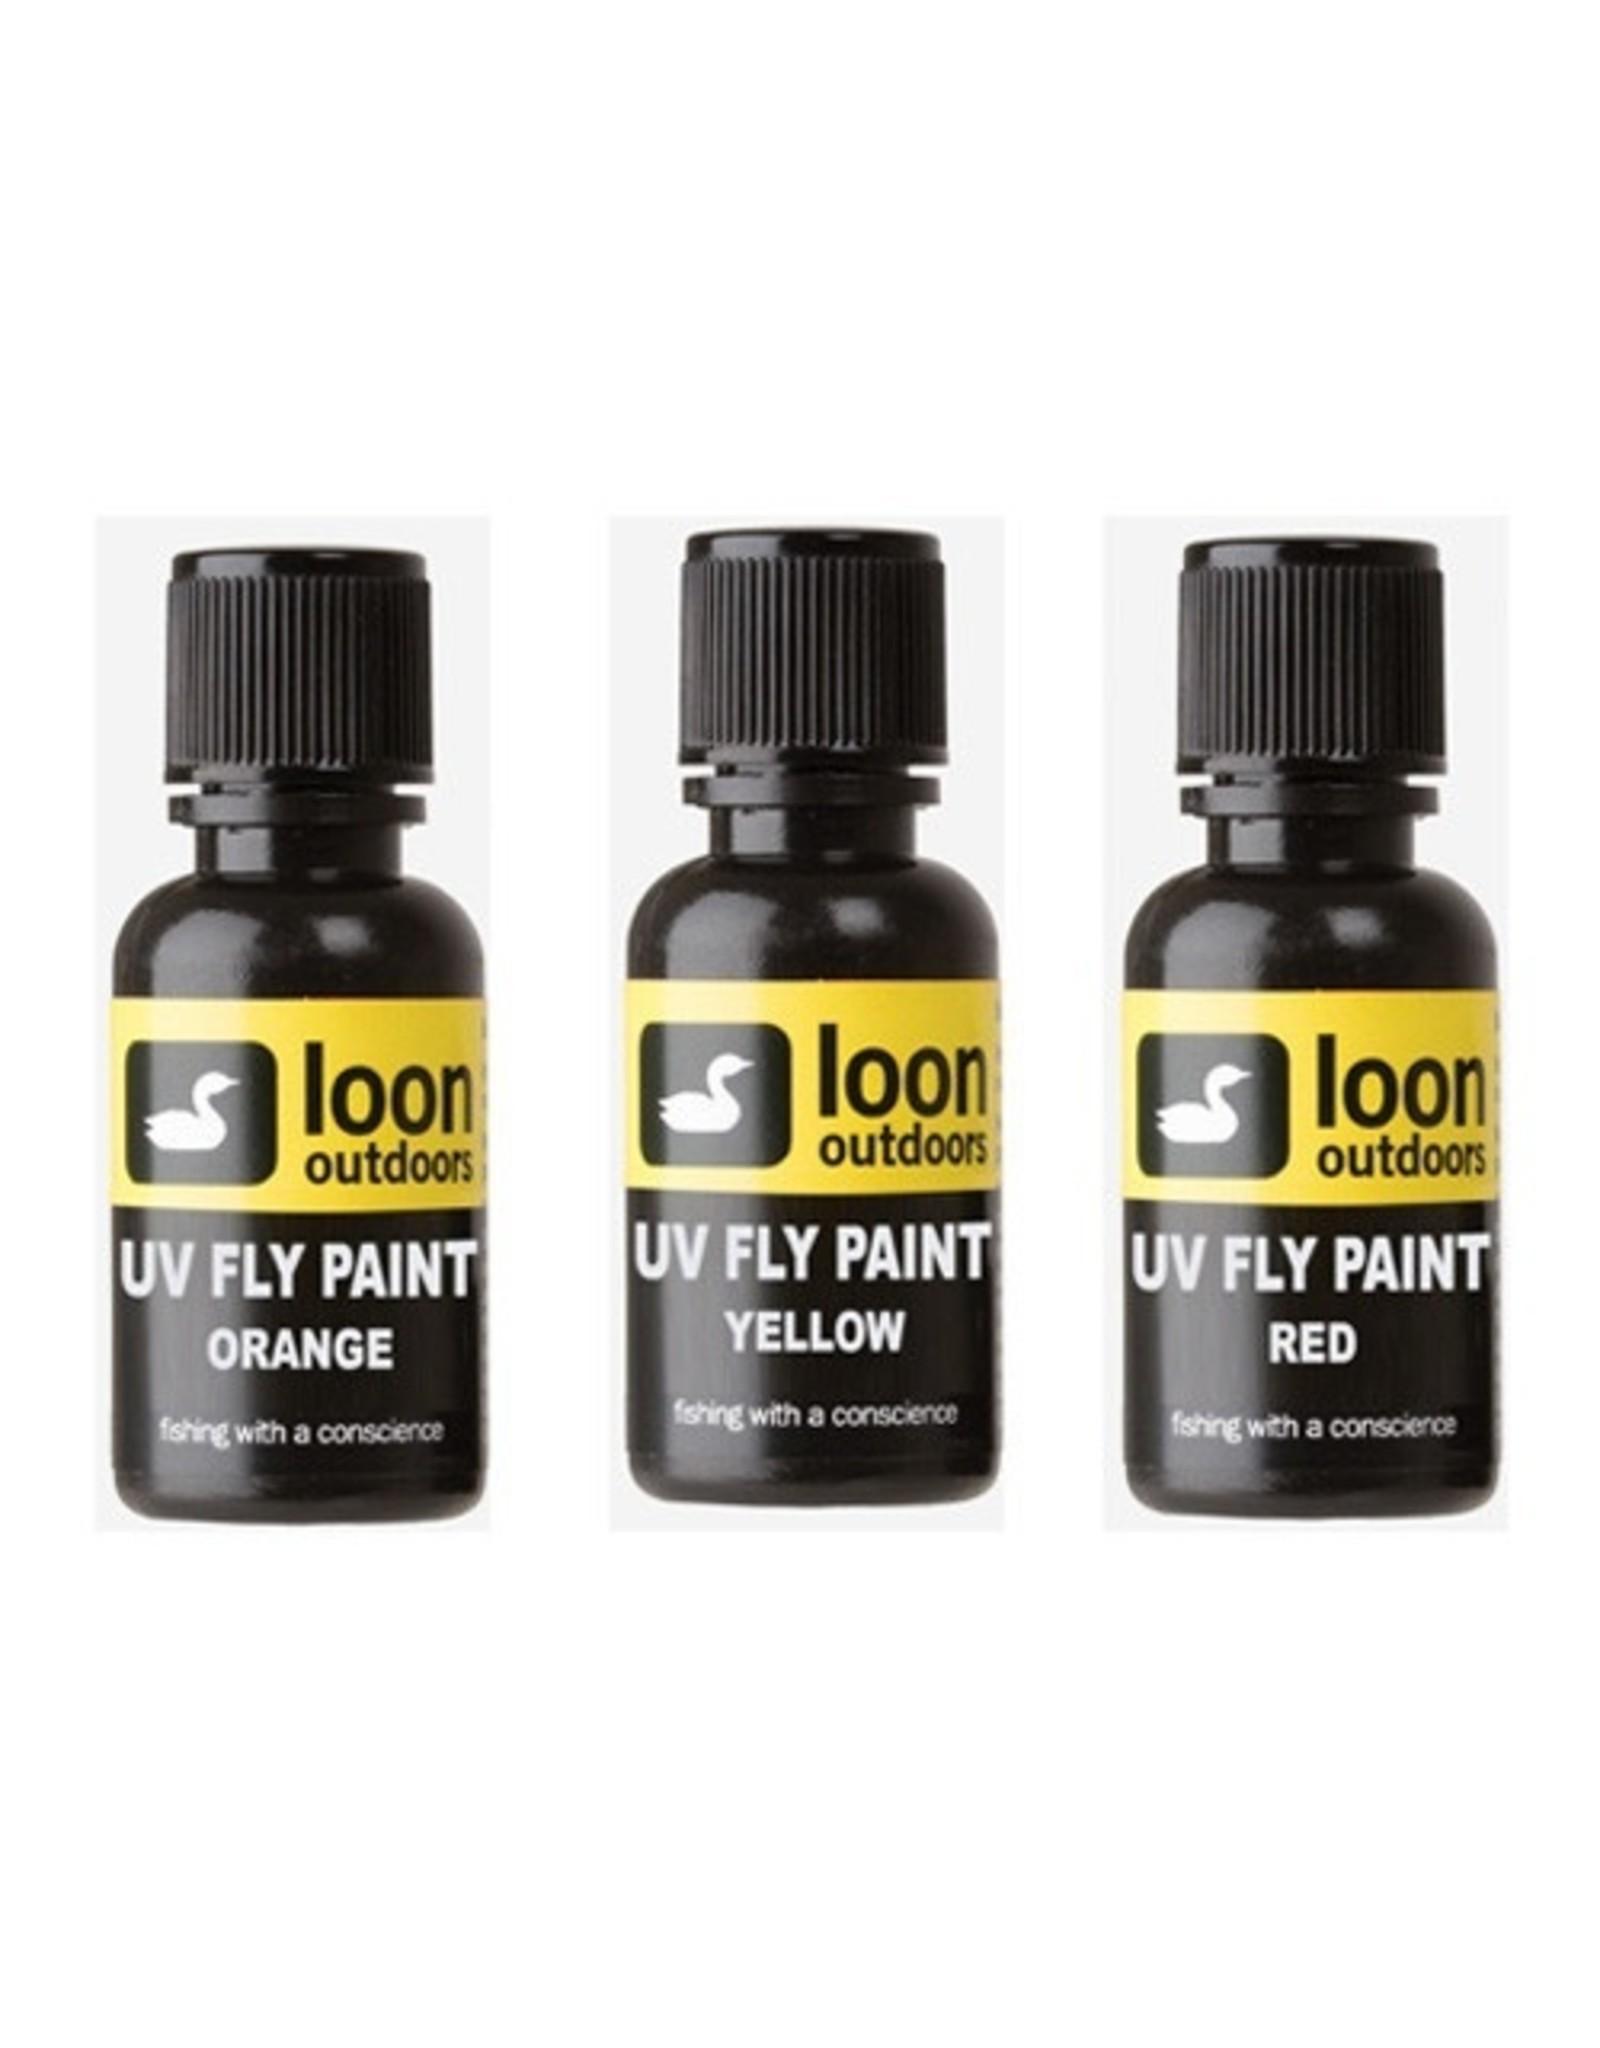 Loon UV Fly Paint